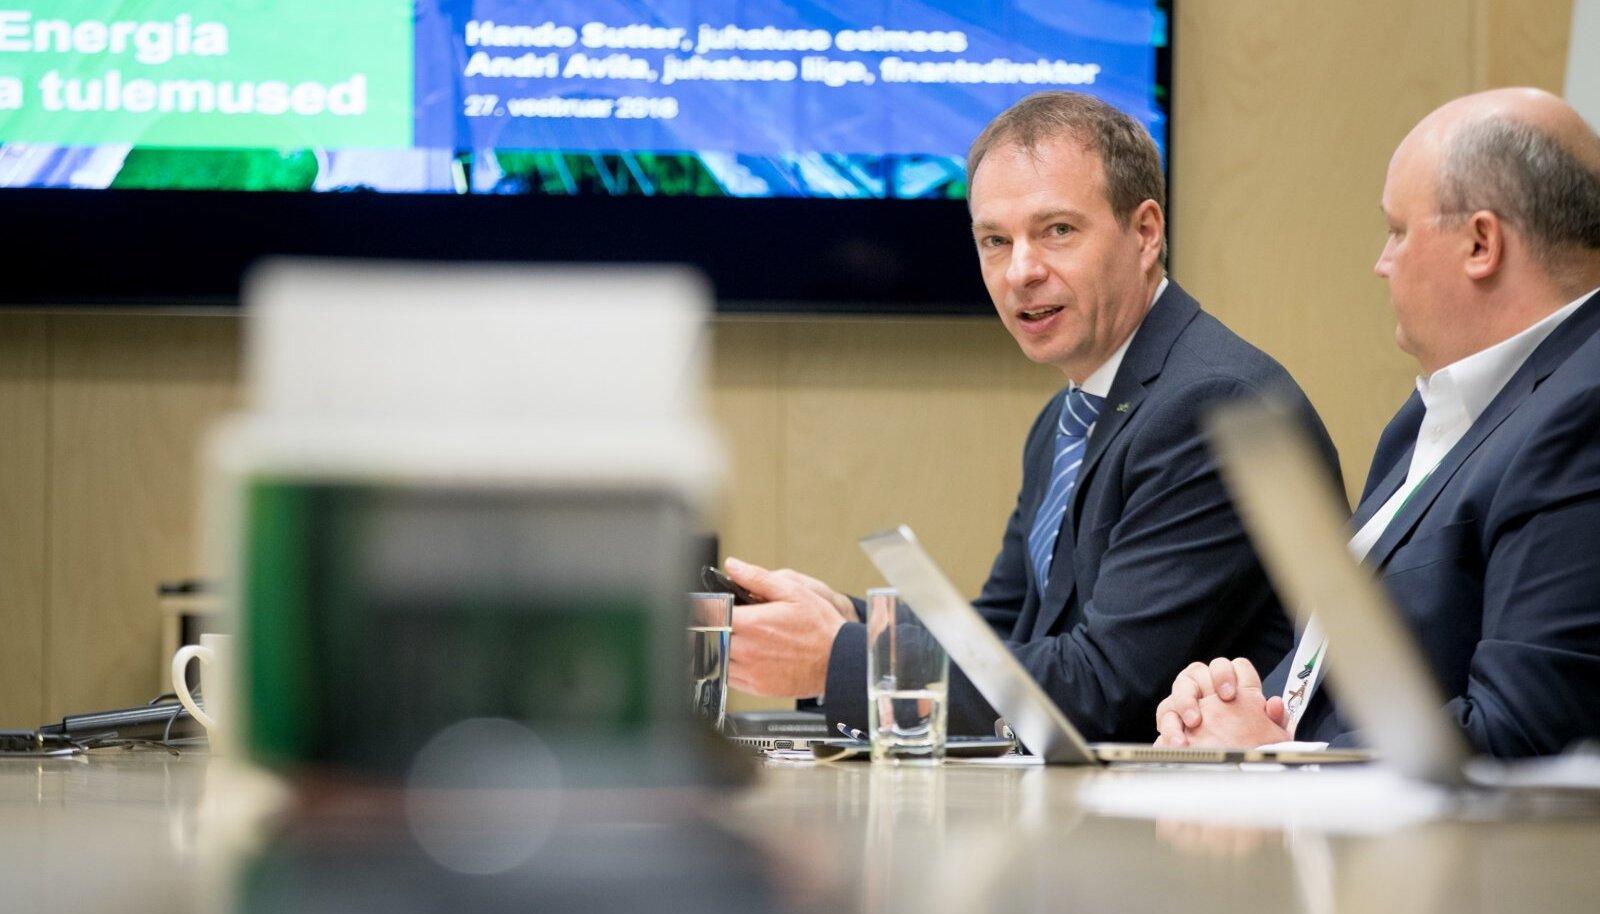 Eesti Energia juhatuse esimees Hando Sutter ütleb, et õlitehase projekt vastab kõikidele seatud kriteeriumitele. Seal on veel tootlusele riskikoefitsiendid otsa pandud ehk õlitehaselt oodatakse suuremat tootlust kui tuulepargilt.